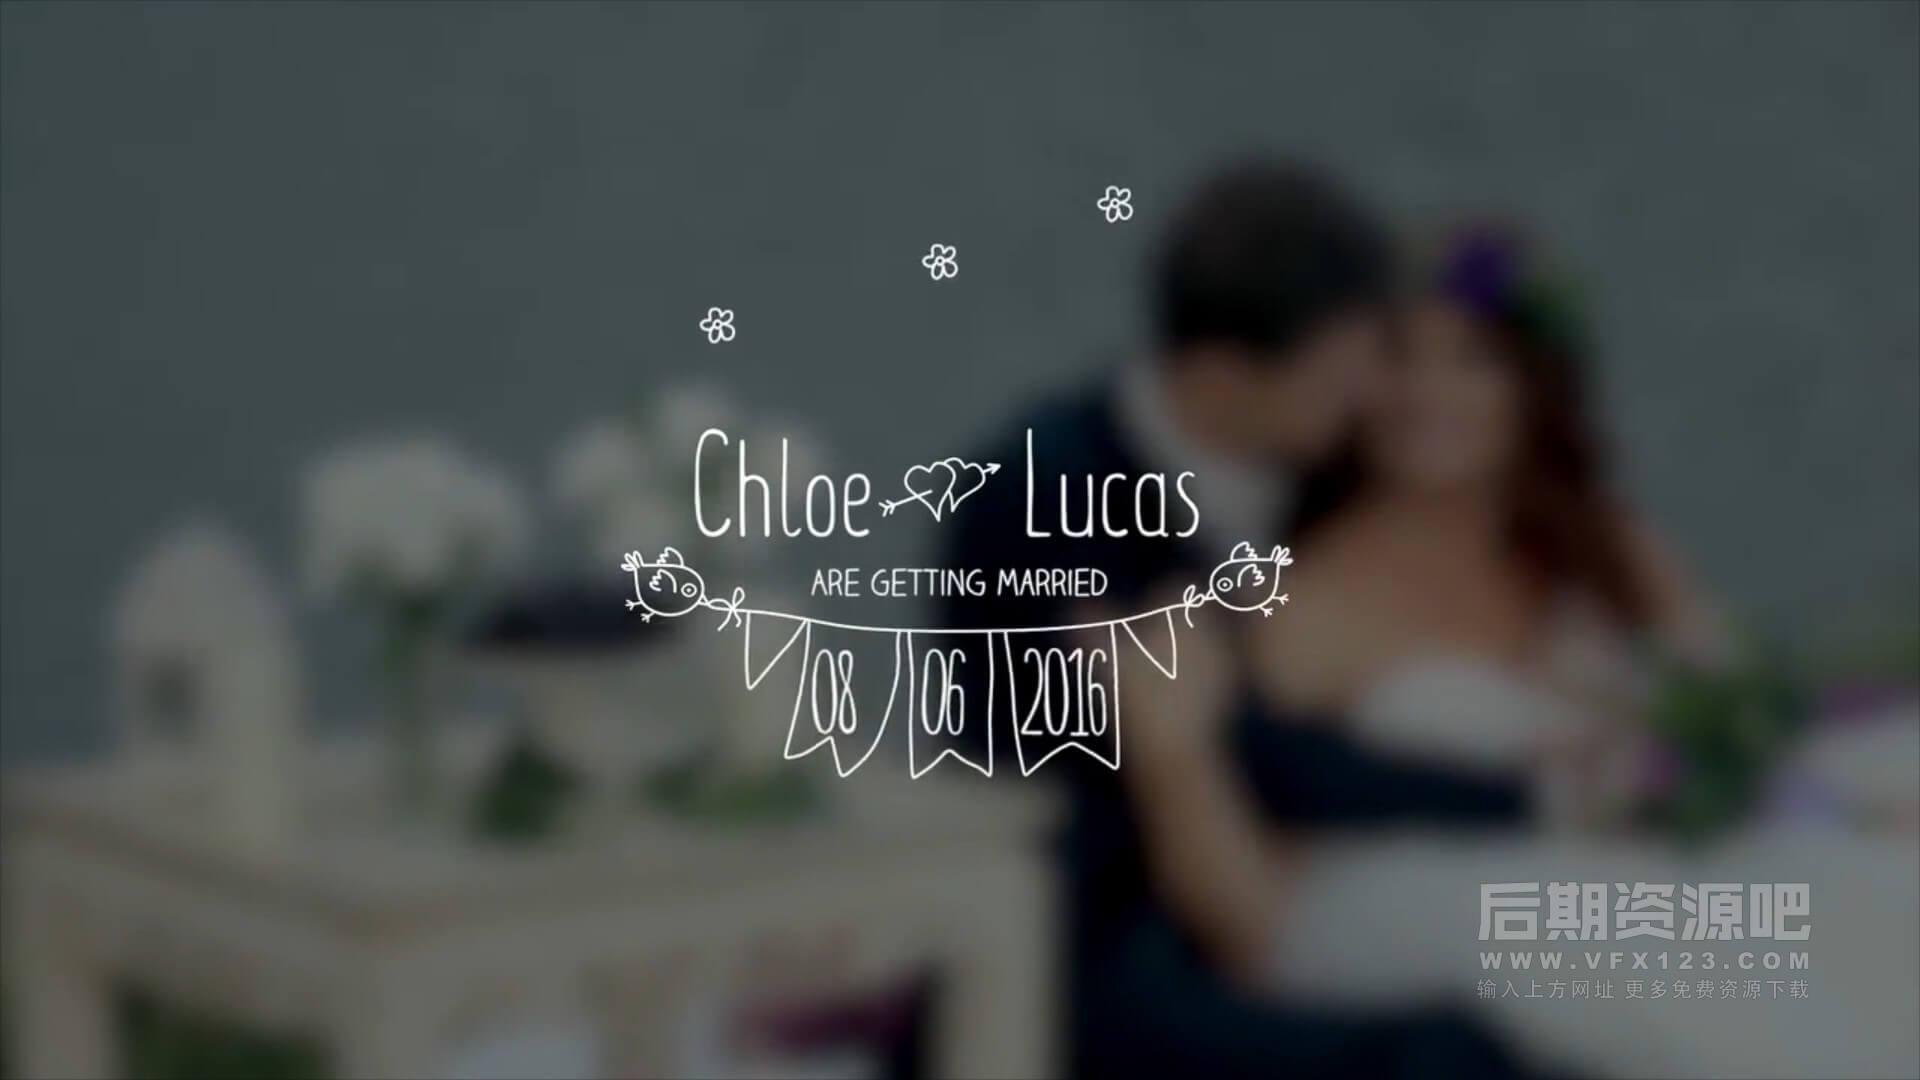 FCPX标题插件 8个卡通手绘婚礼人名文字标题动画字幕预设 Wedding Titles